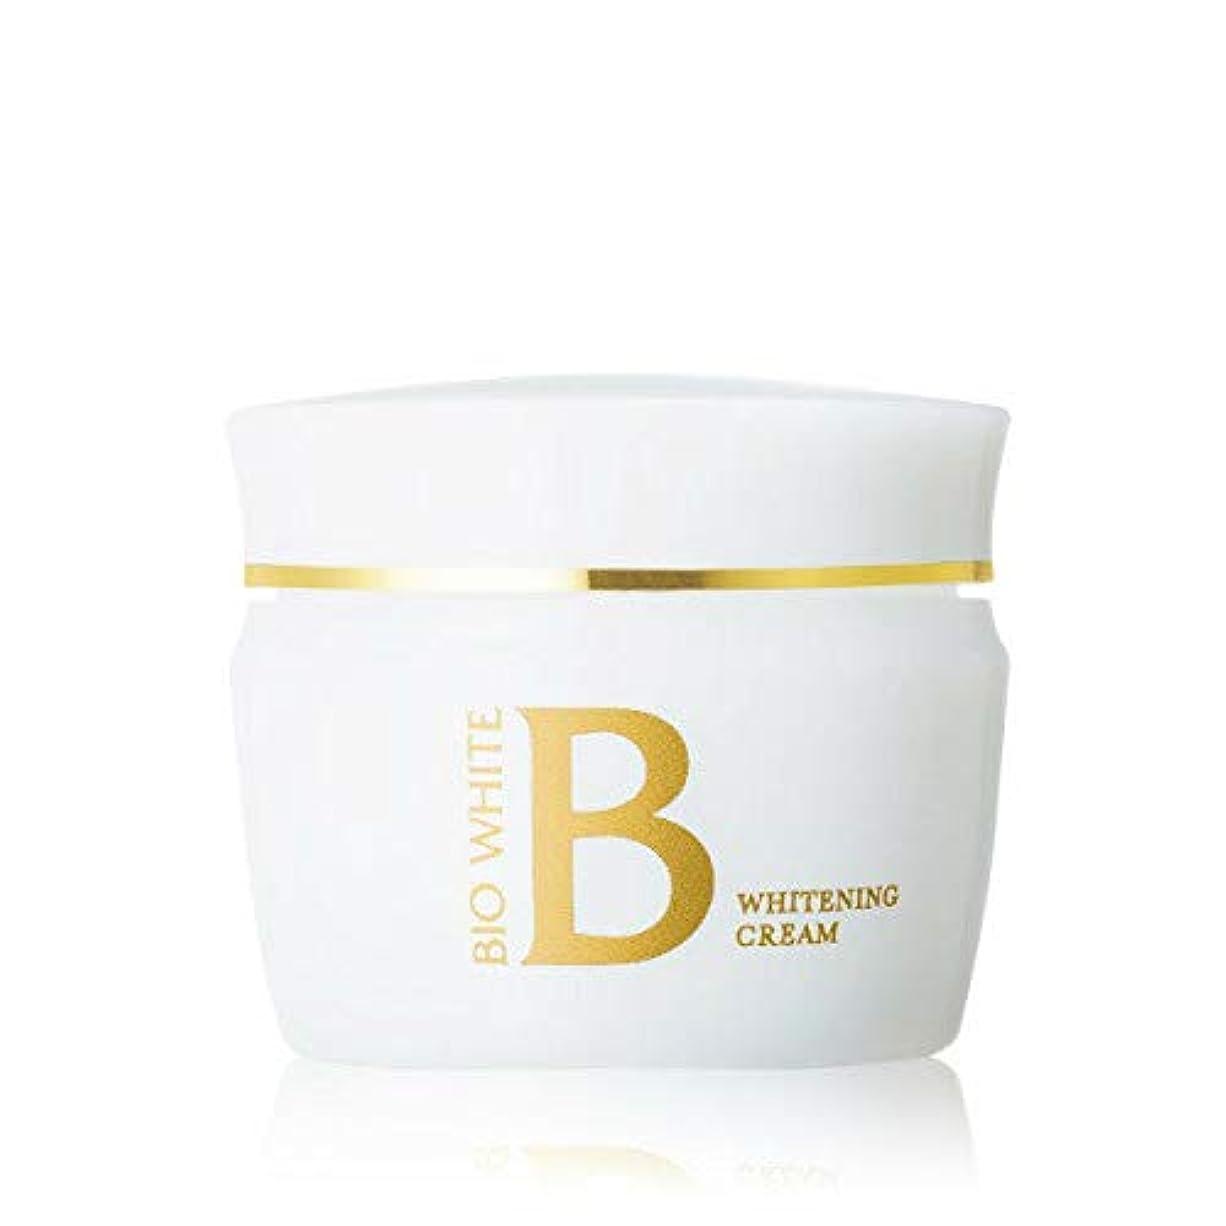 スパイ請願者法律エビス化粧品(EBiS) エビス ビーホワイトクリーム 40g 美白クリーム トラネキサム酸 配合 医薬部外品